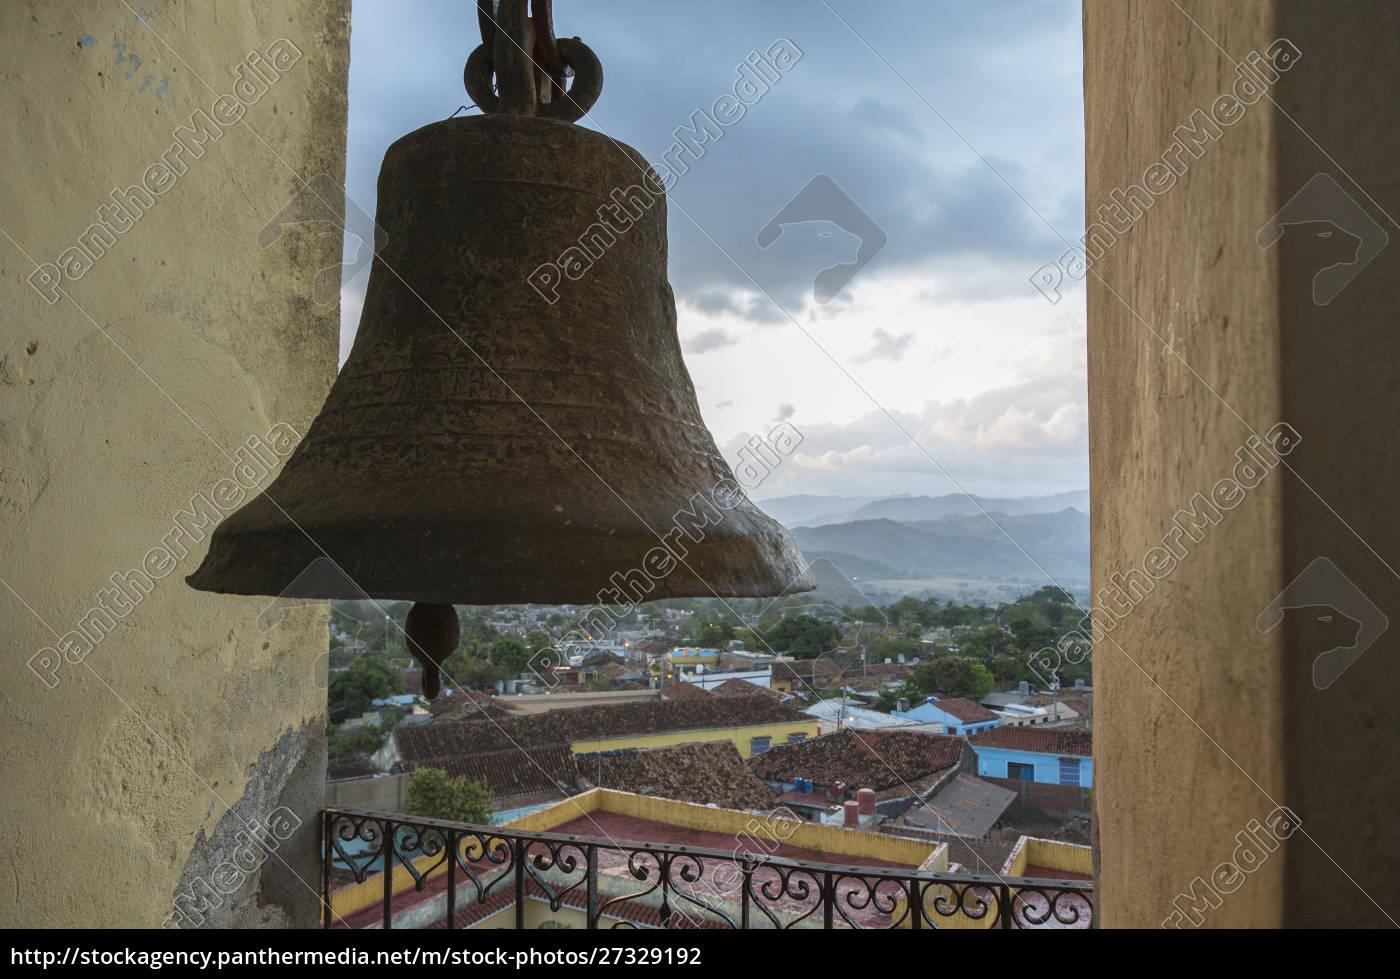 cuba, trinidad., udsigt, over, byen, fra, klokketårnet - 27329192